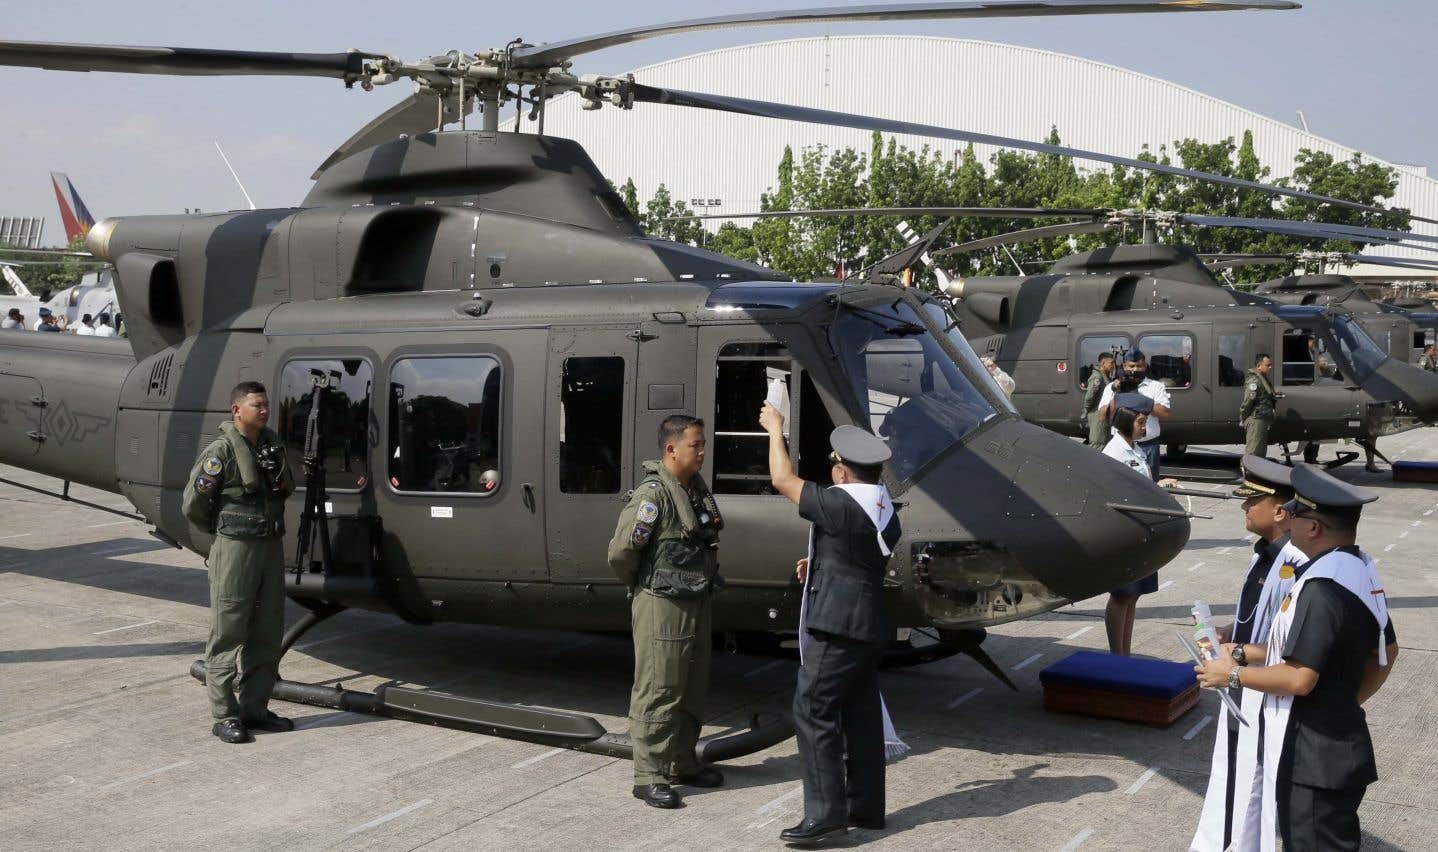 La valeur de la commande des Philippines s'élevait à environ 235 millions $US. Les hélicoptères devaient être assemblés à l'usine de Mirabel, qui emploie 900 personnes.